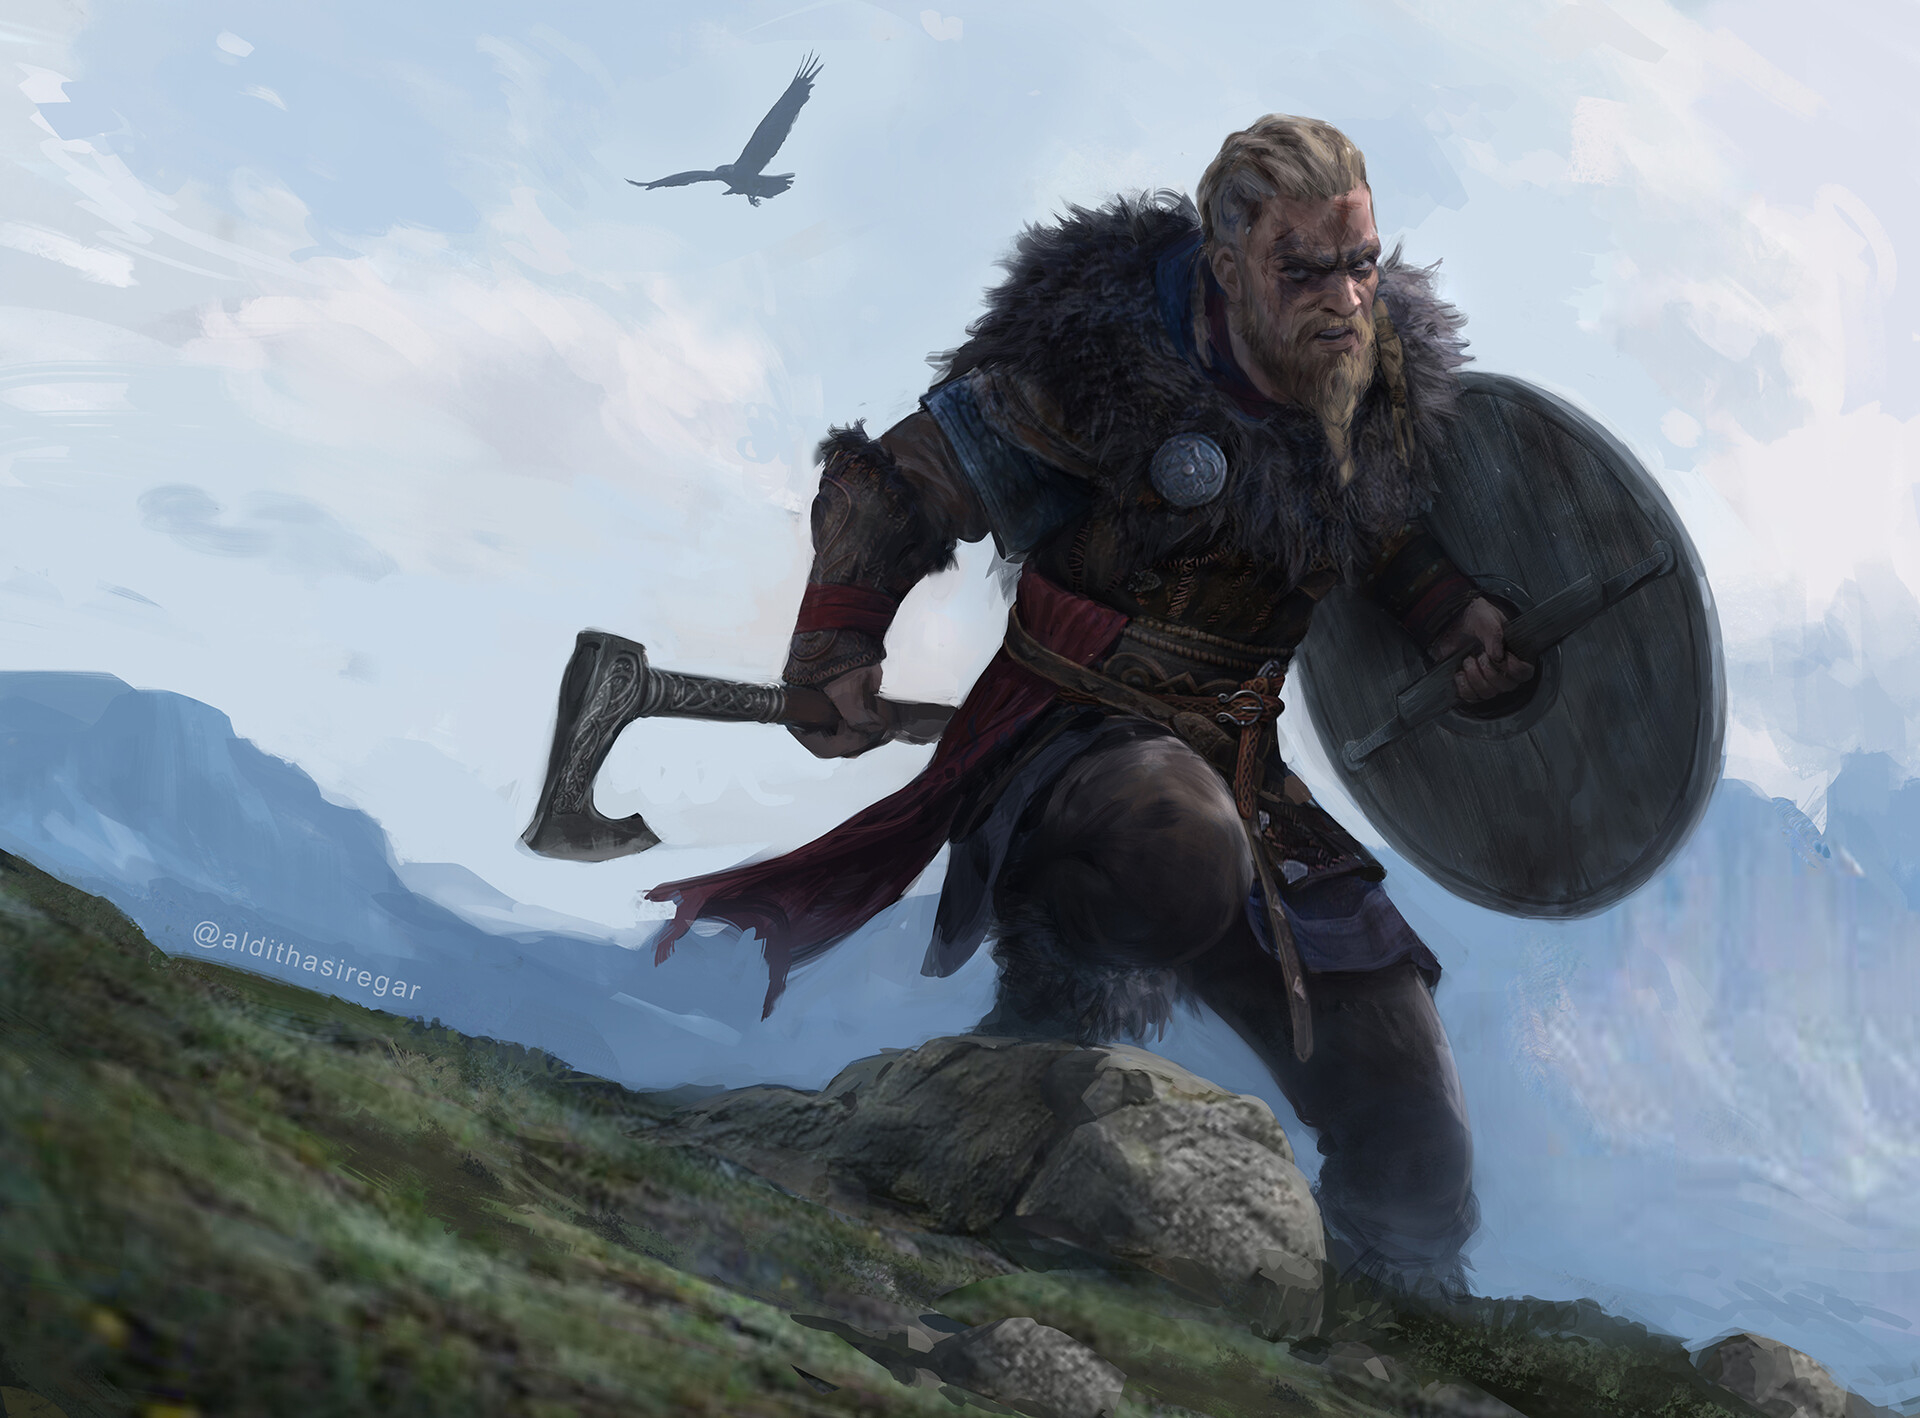 Assassins Creed Valhalla Artstation Wallpaper Hd Games 4k